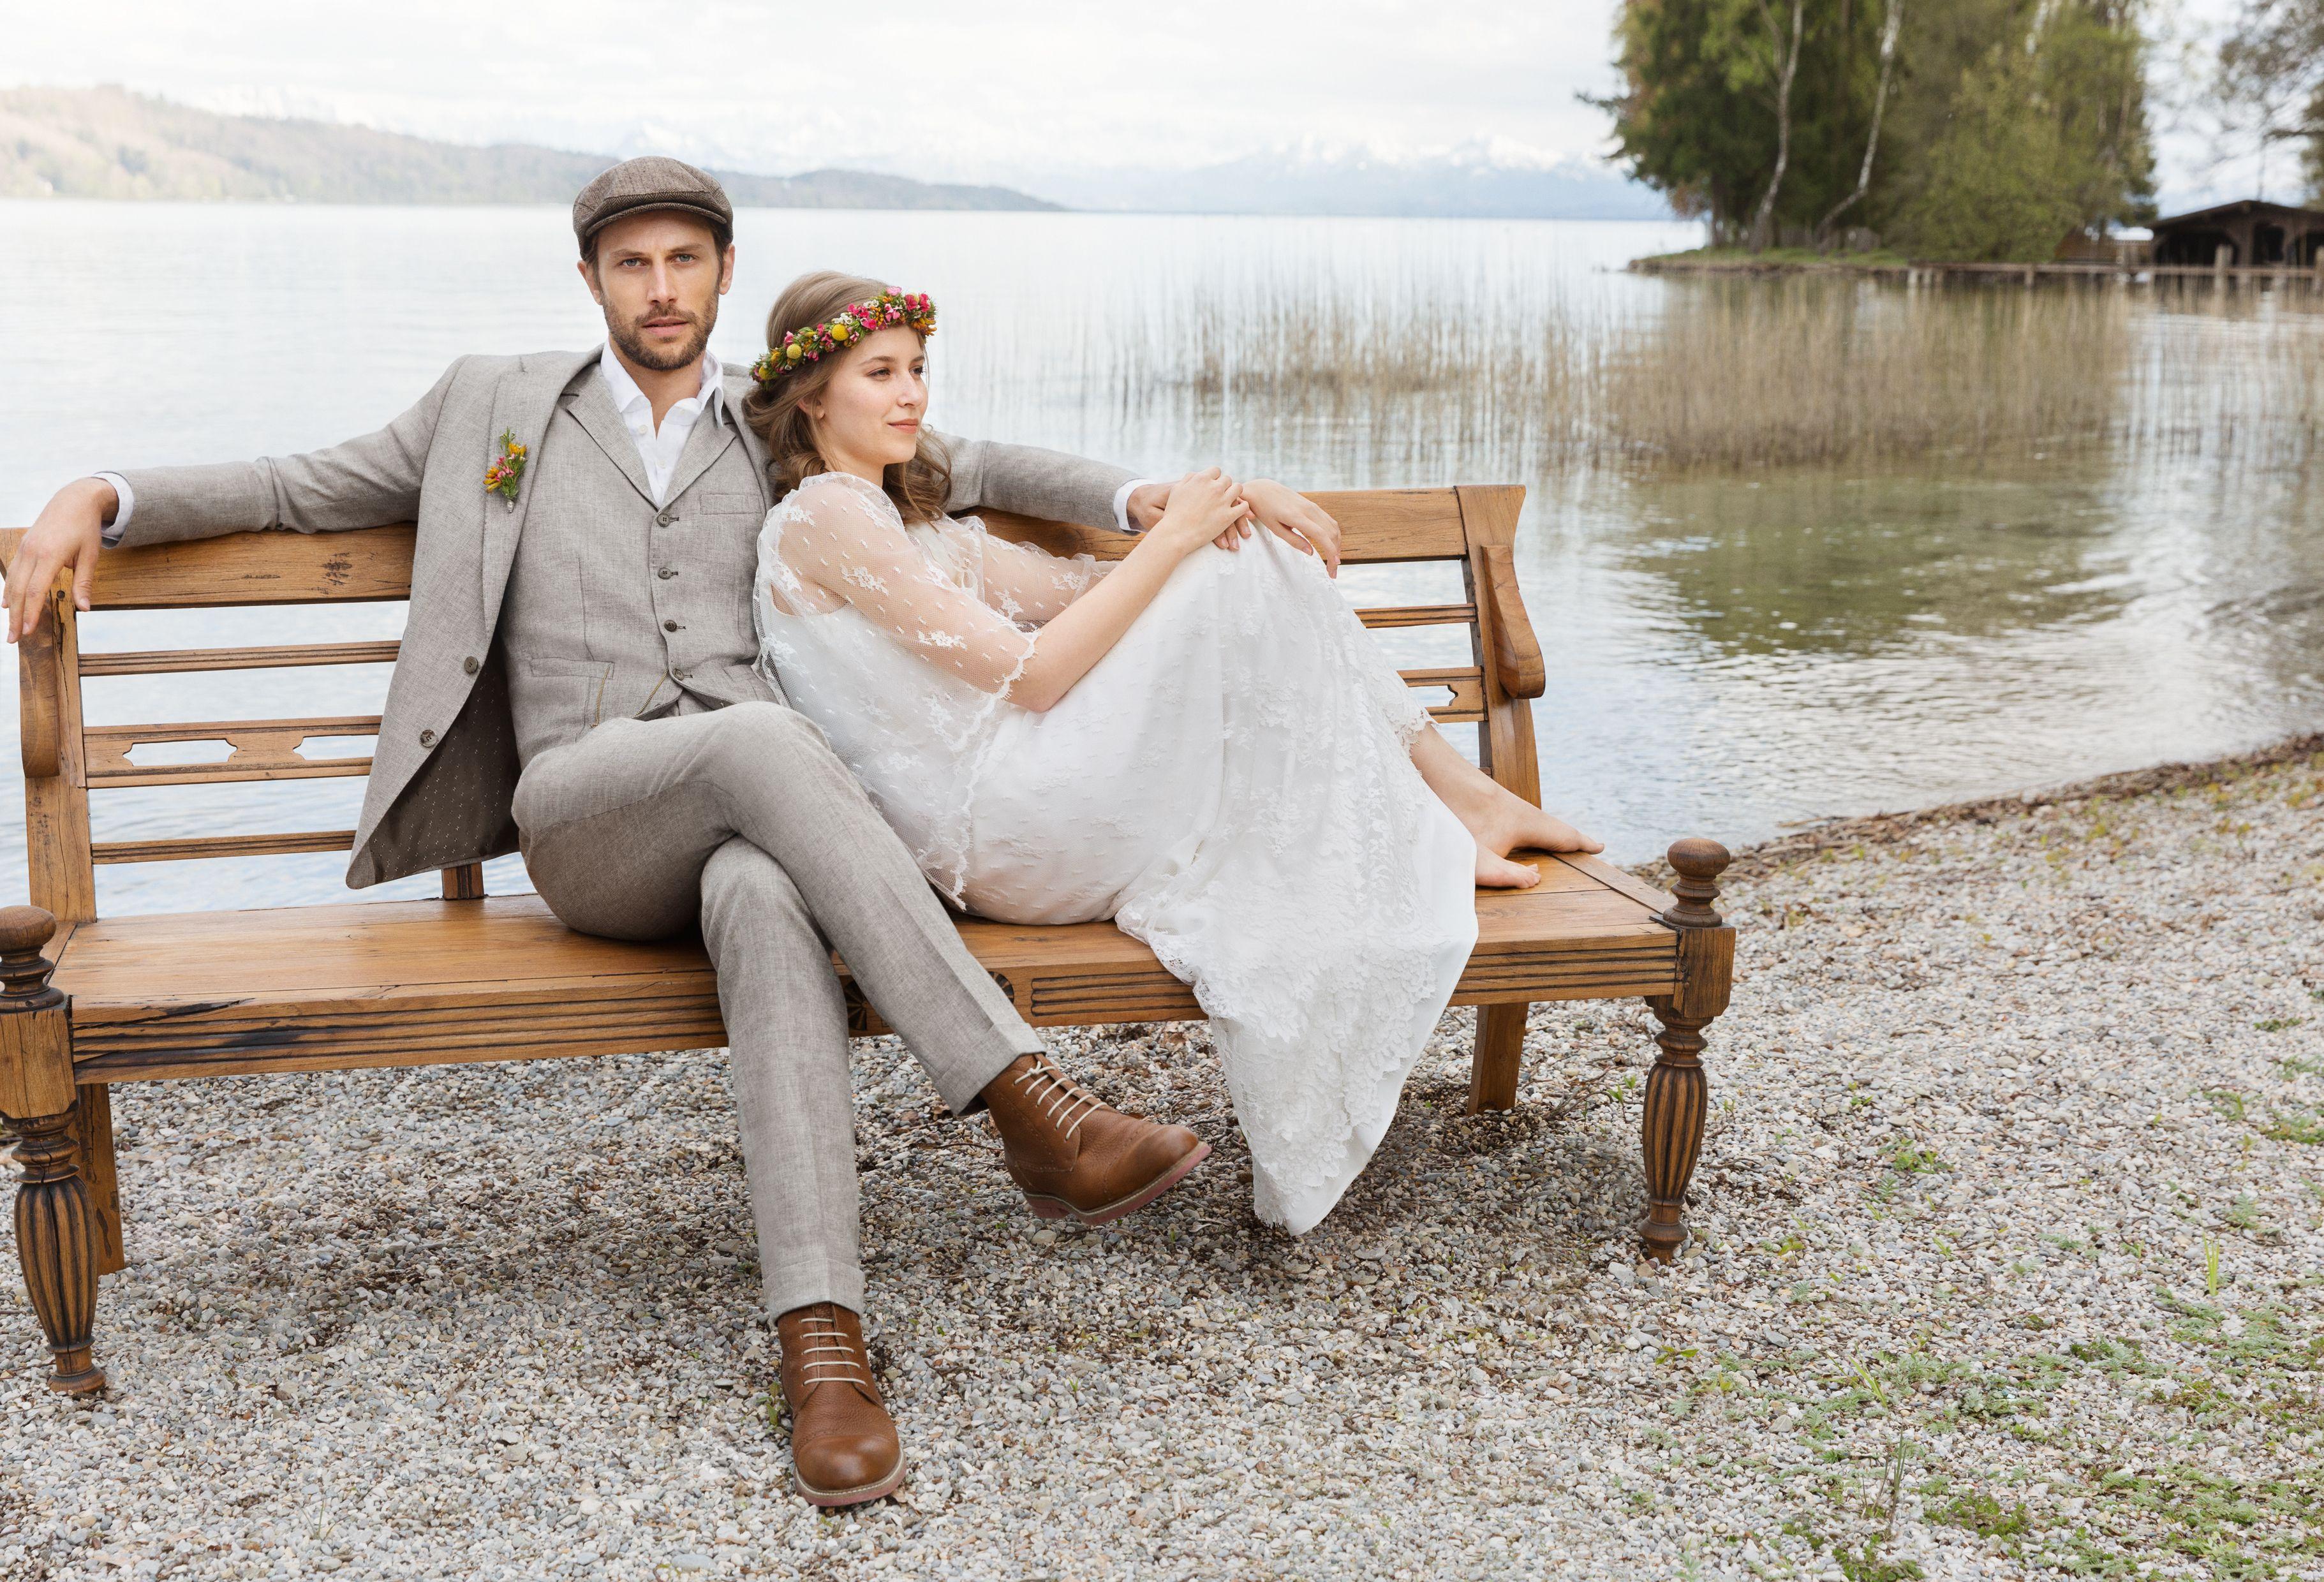 Beautiful Bräutigam Vintage Photo Of Hochzeitsanzug Im Vintage-look – Mit Passender Weste